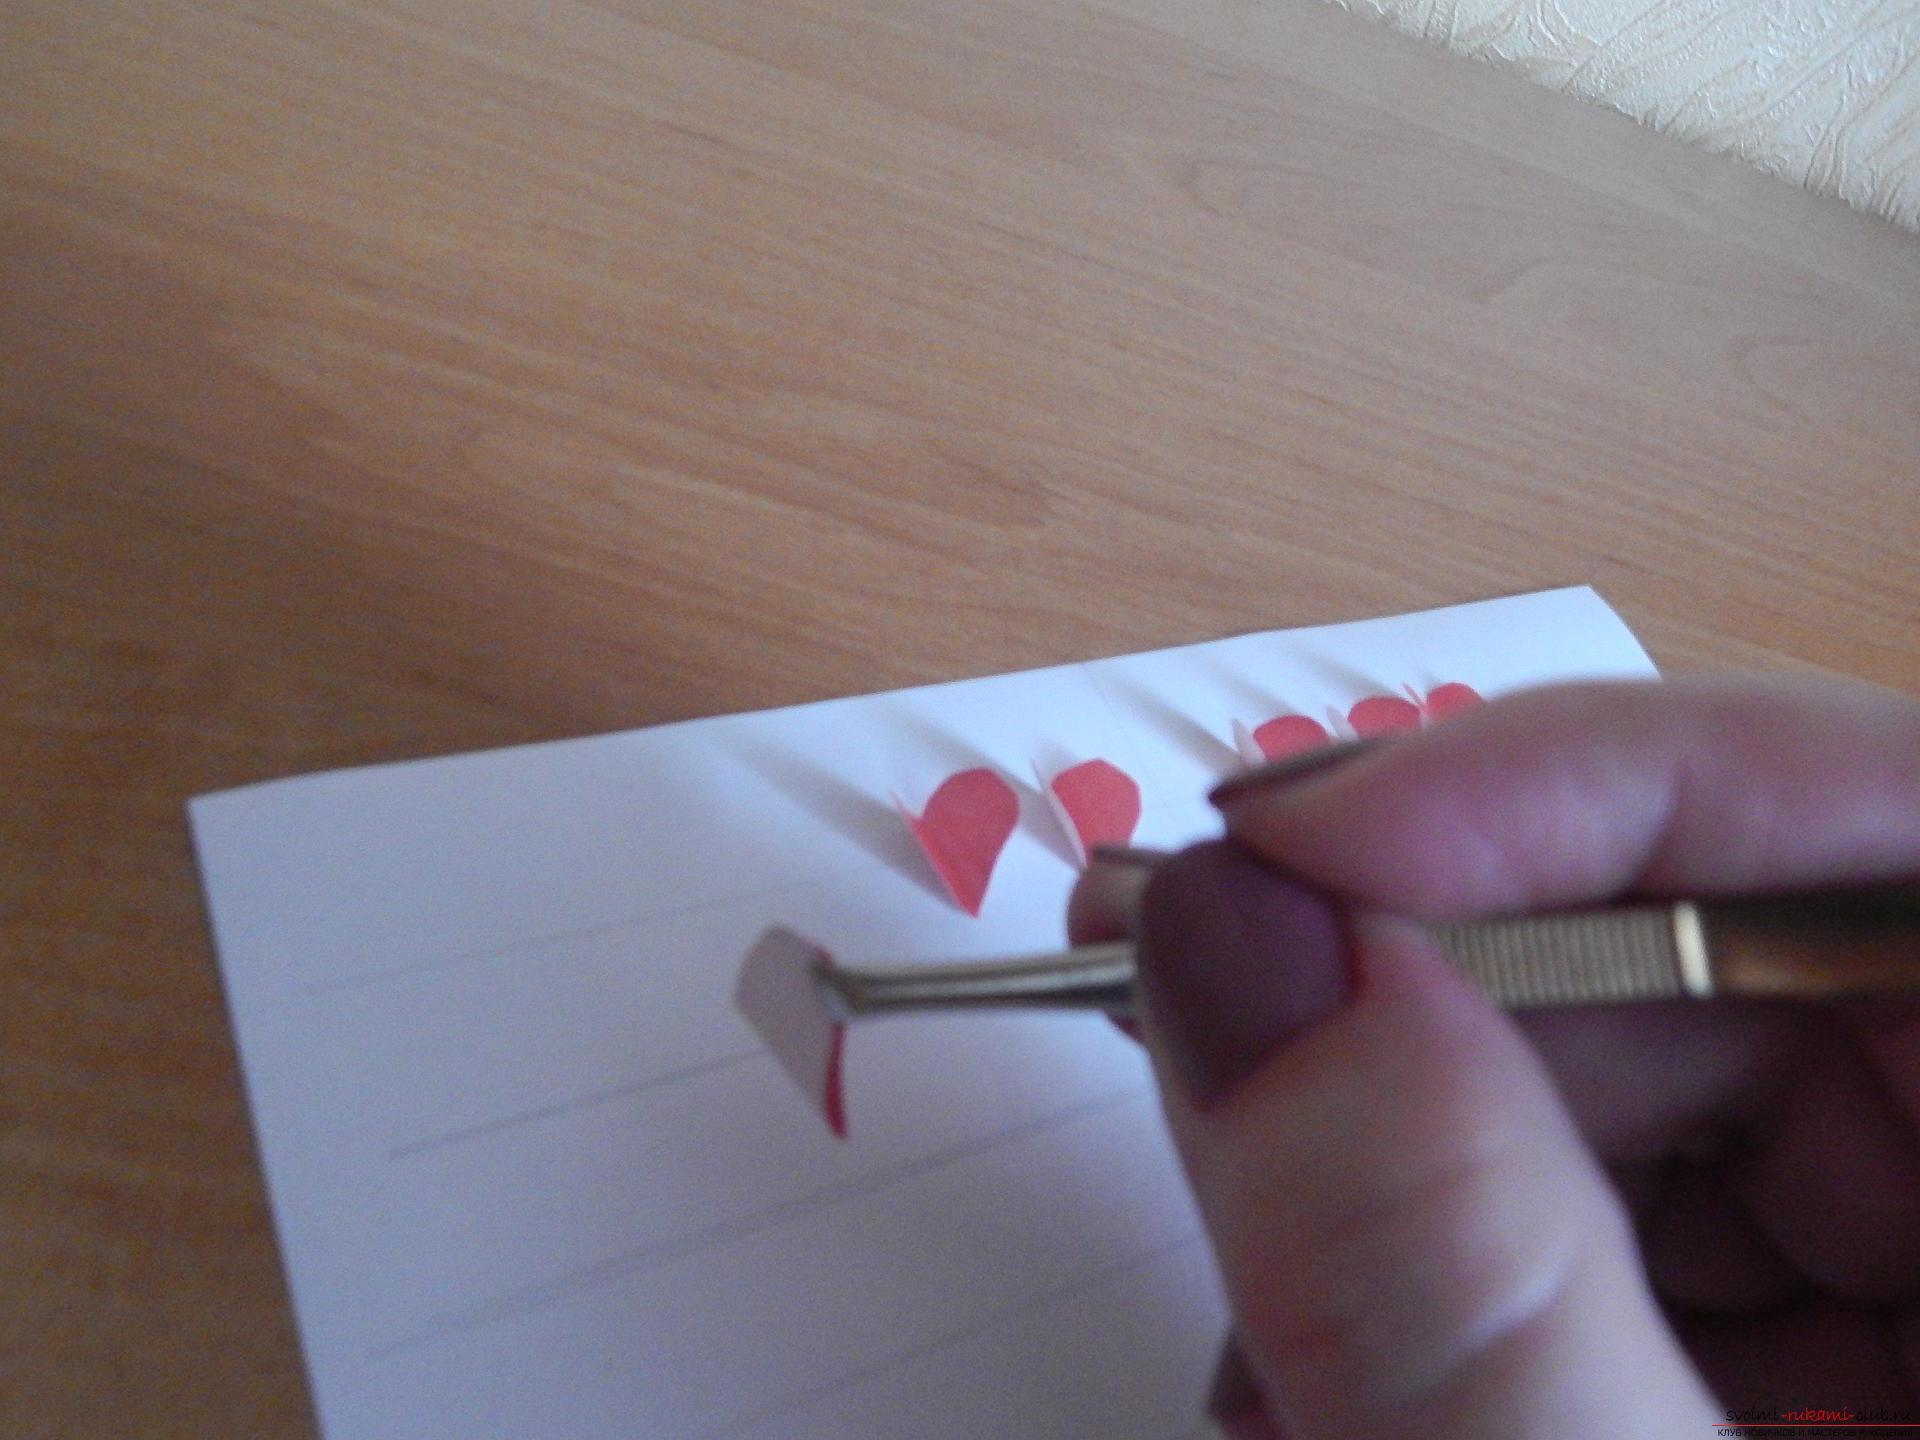 Этот подробный мастер-класс научит как сделать своими руками календарь - подарок на День влюбленных. Фото №10